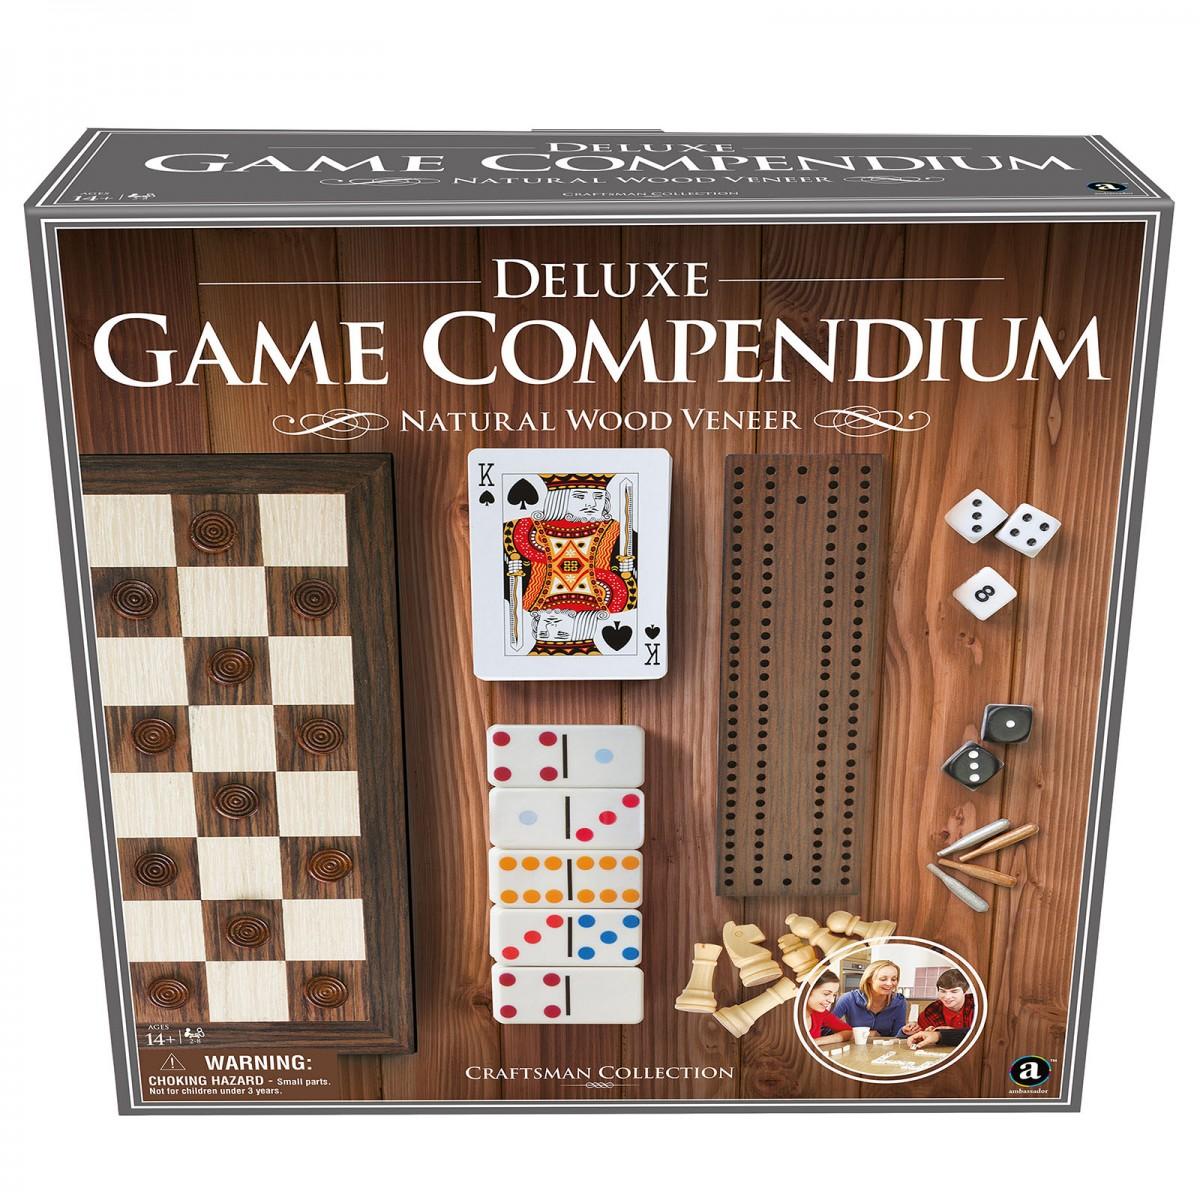 Deluxe Games Compendium